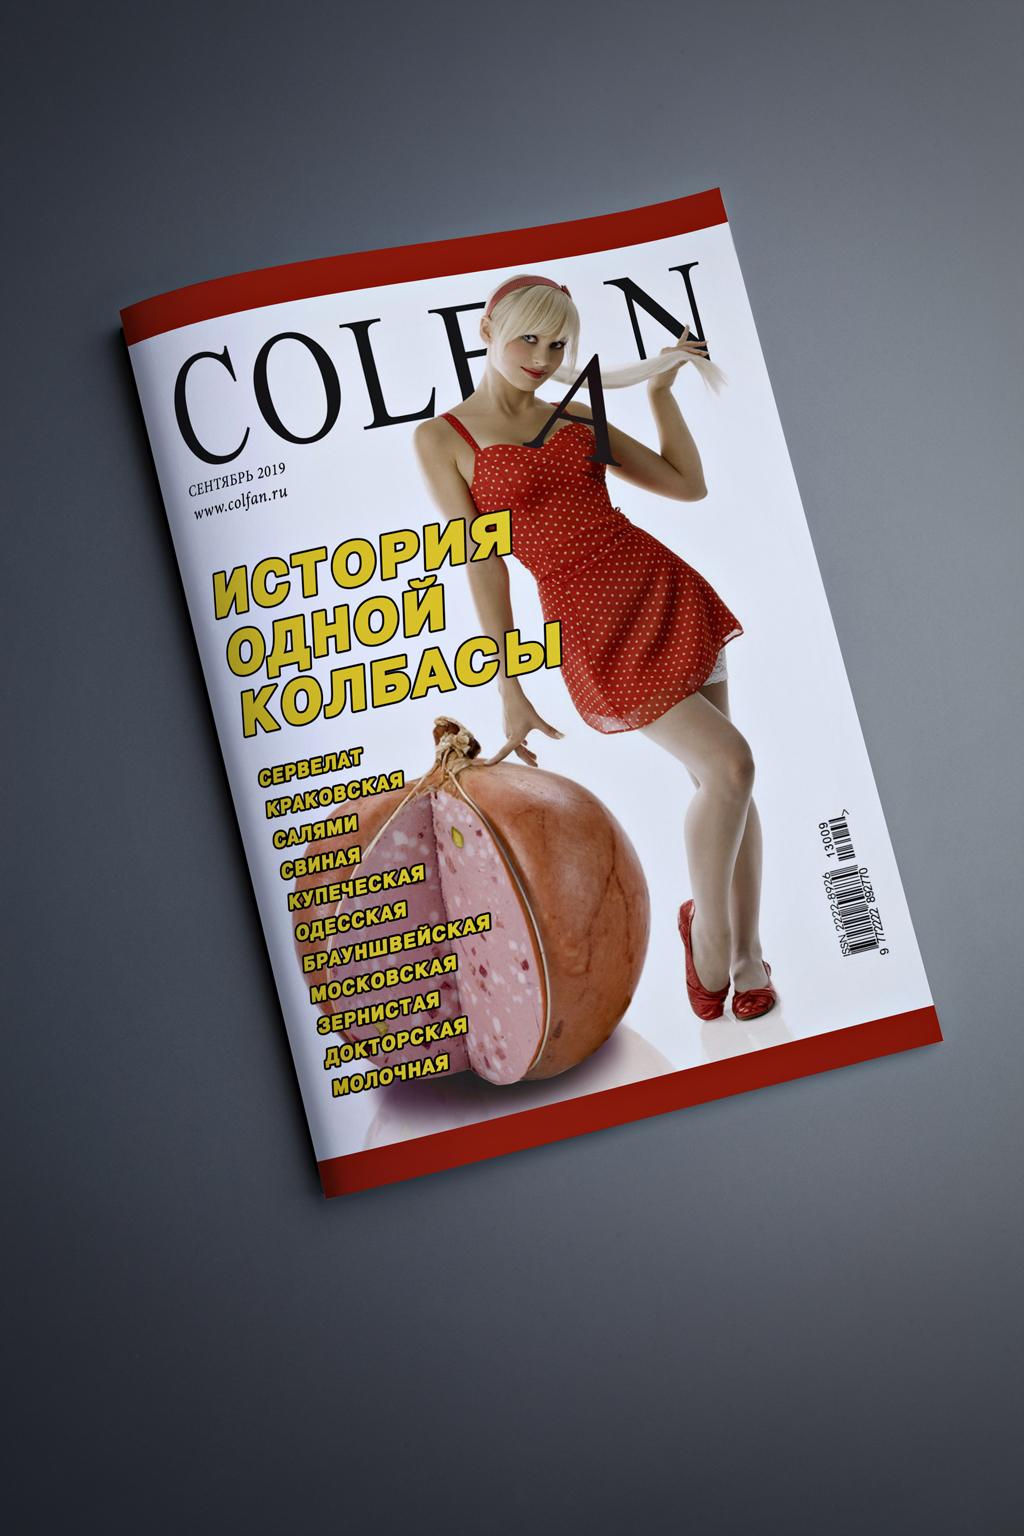 Полиграфический дизайн, Журнальный дизайн, Коллаж.  фото f_6505d7233ce87056.jpg